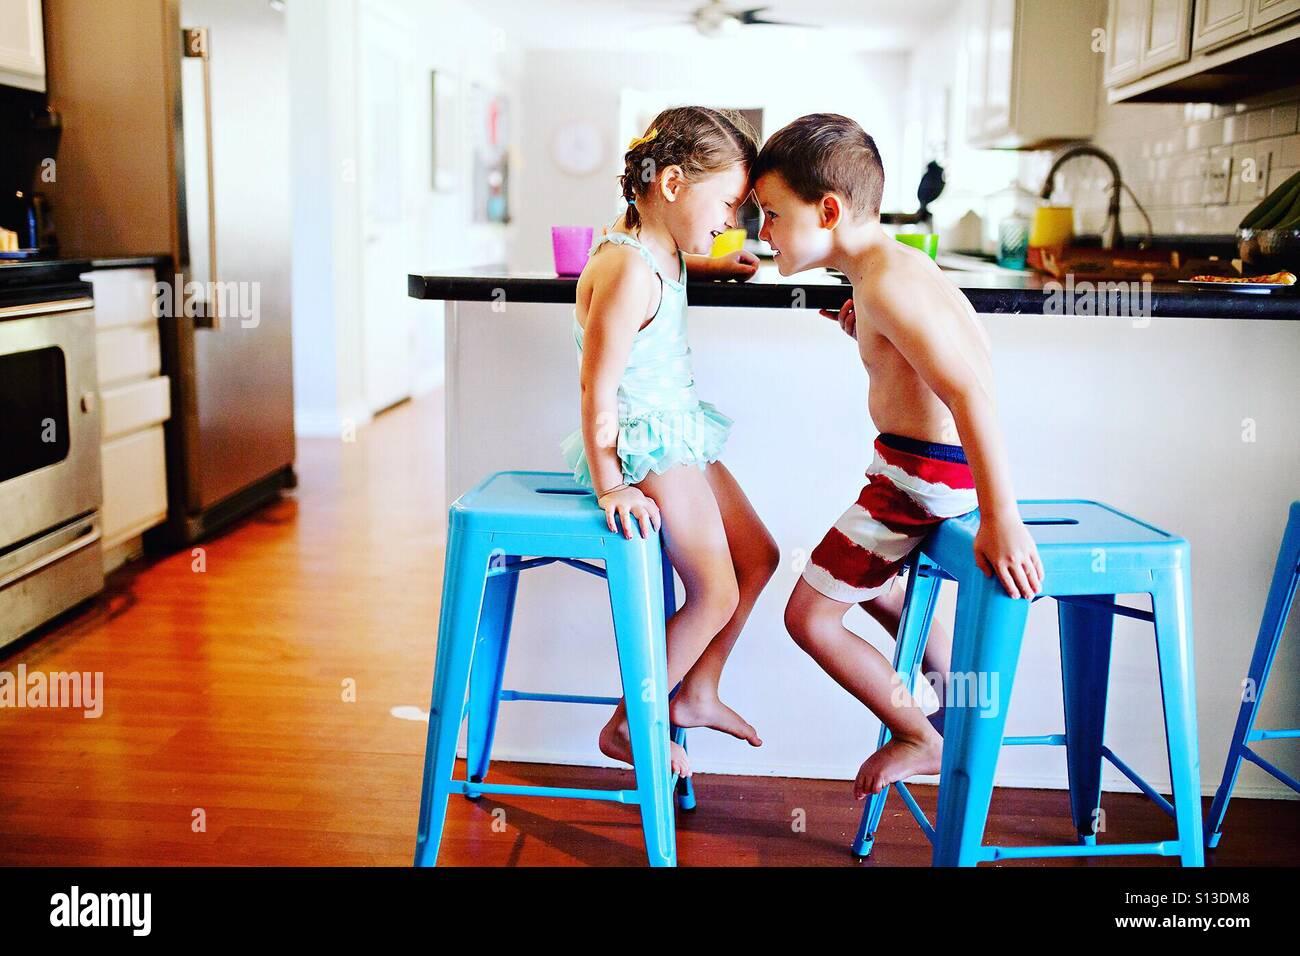 Zwei Kinder in Badesachen albern zu den Mahlzeiten zu Hause in modernen Küche Stockfoto